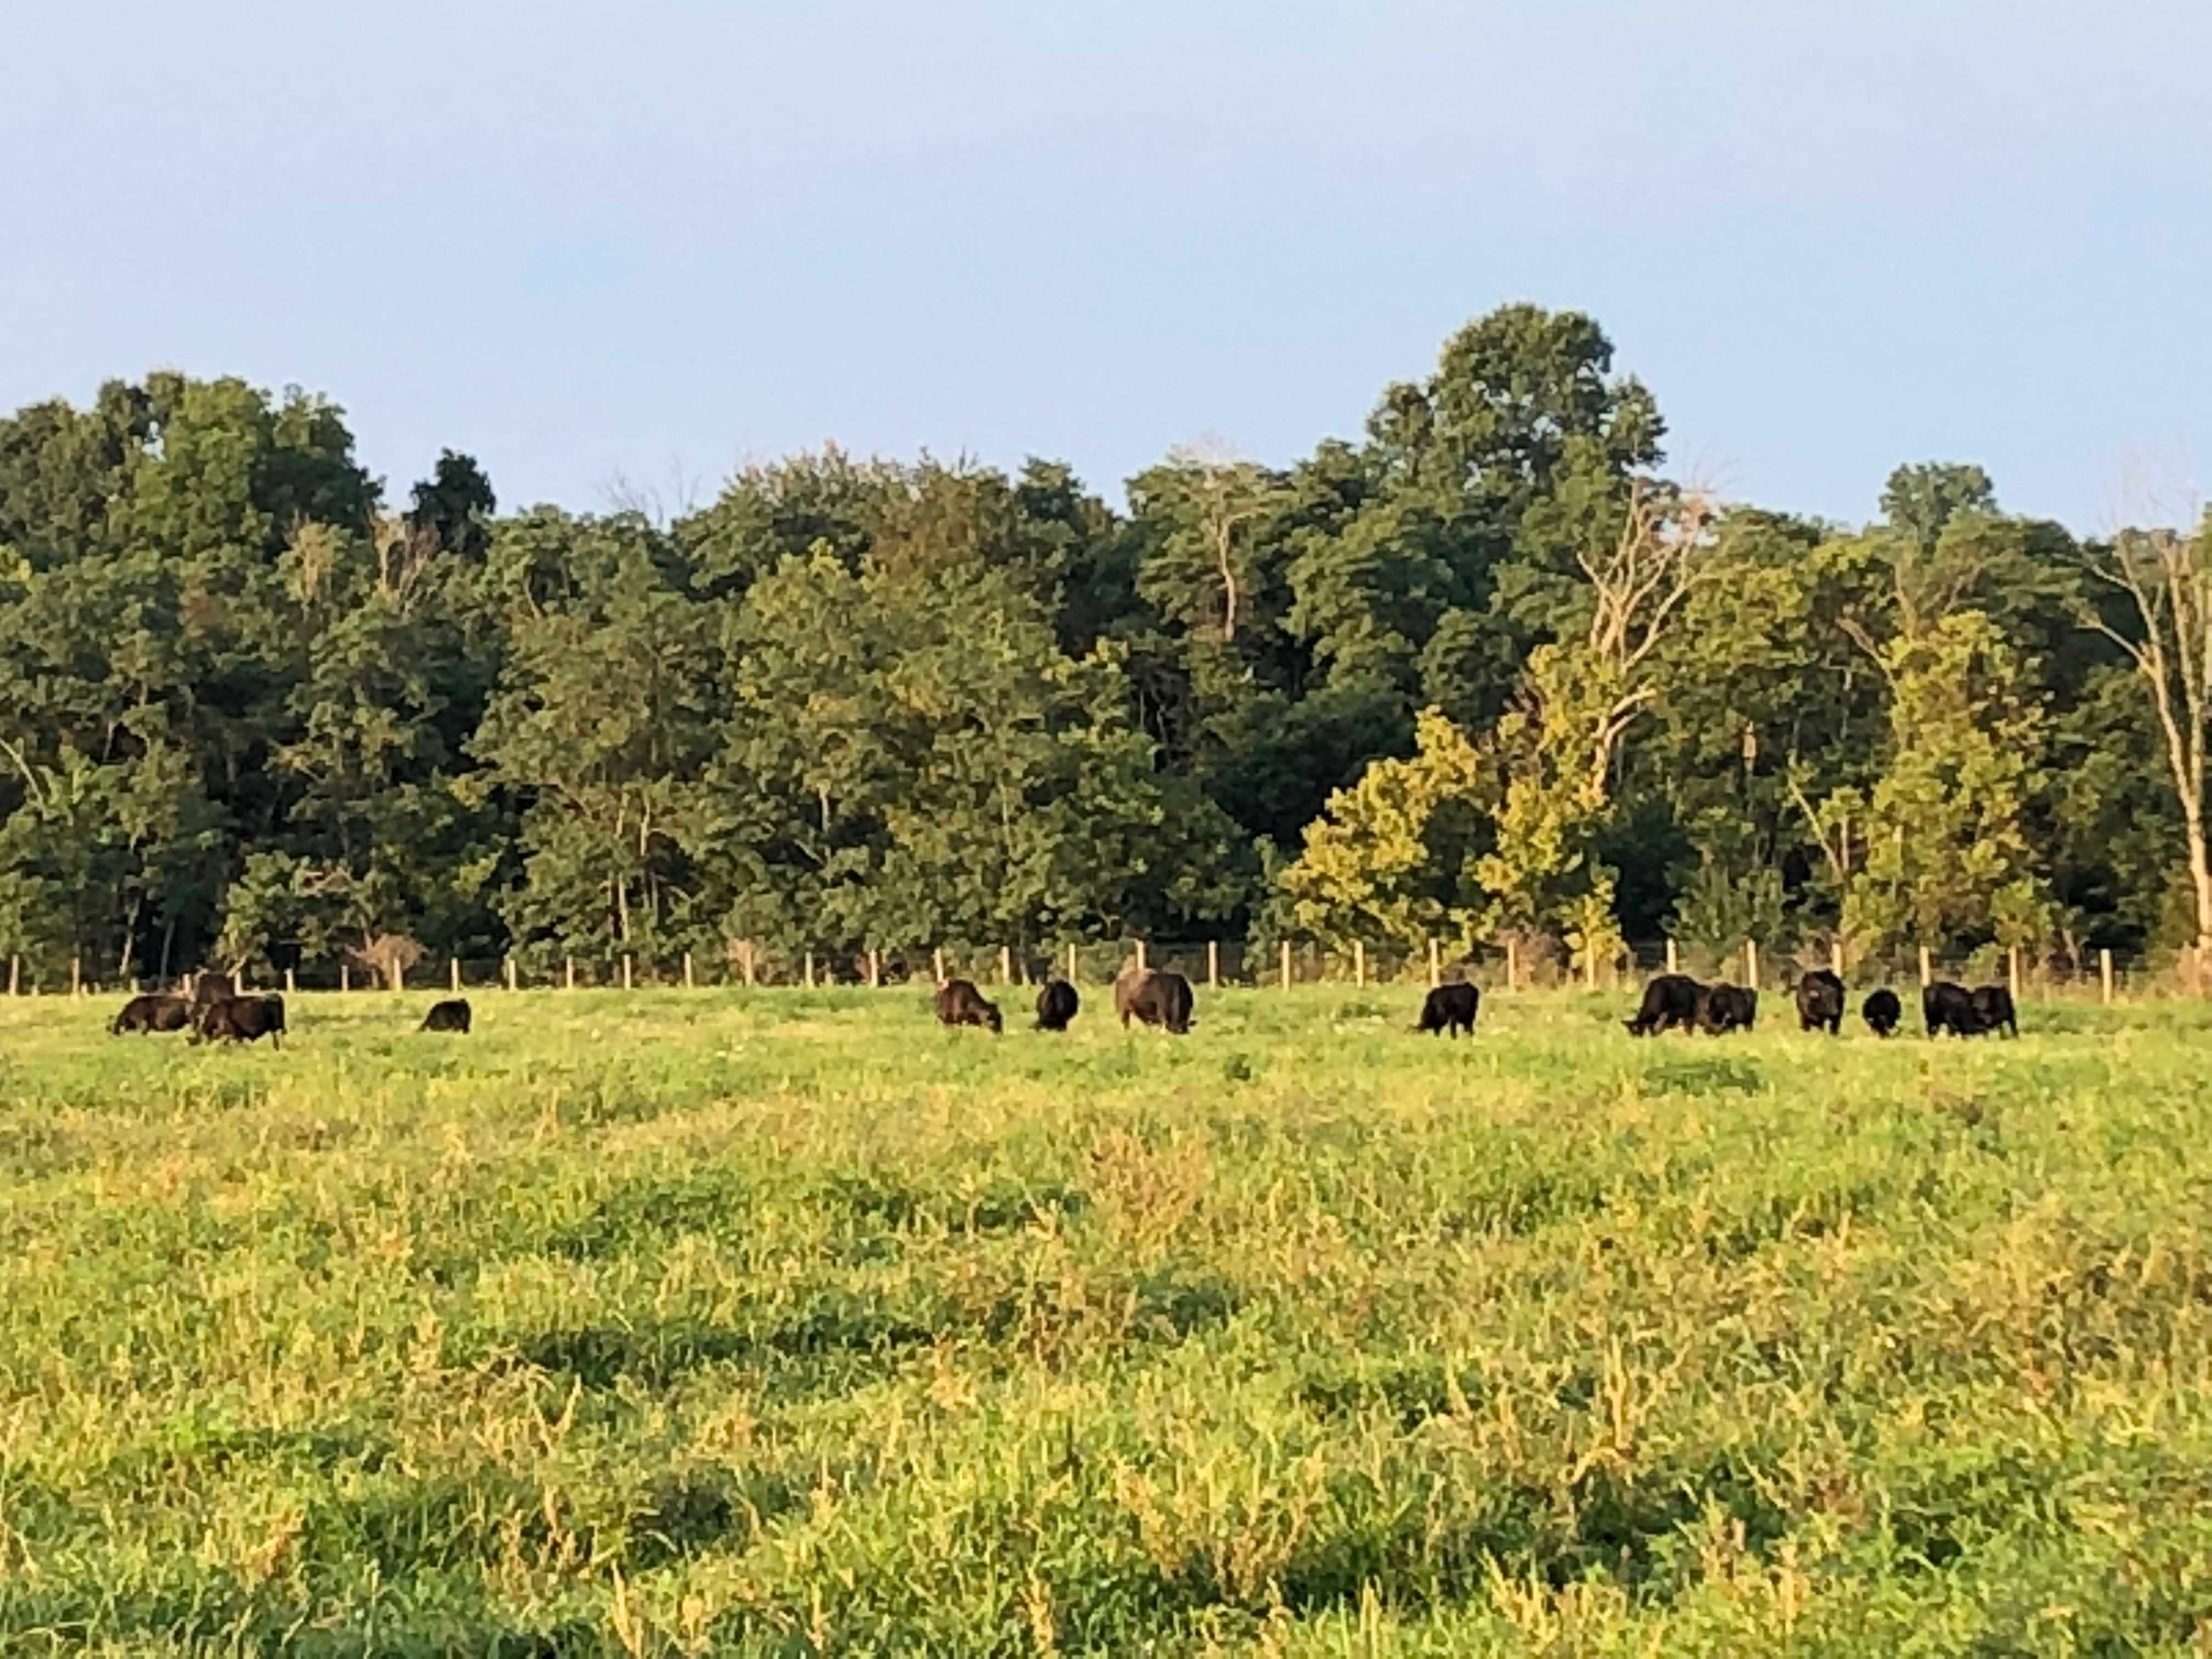 calves grazing.JPG